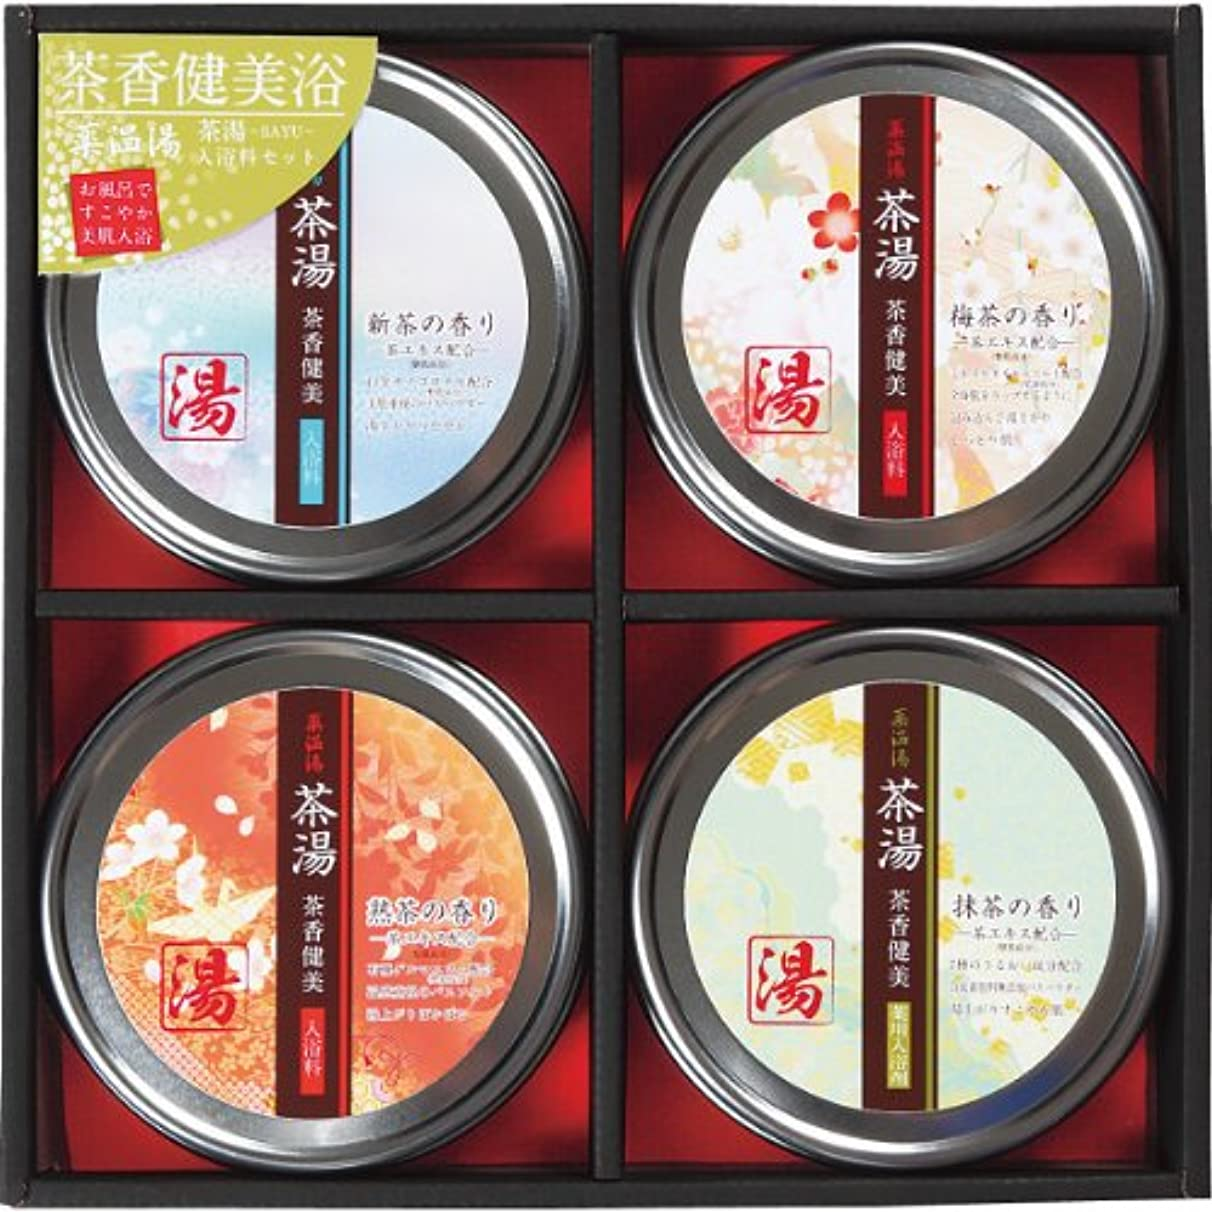 構成する素晴らしいですれんが敬老の日 贈り物 薬温湯 茶湯ギフトセット(SD)